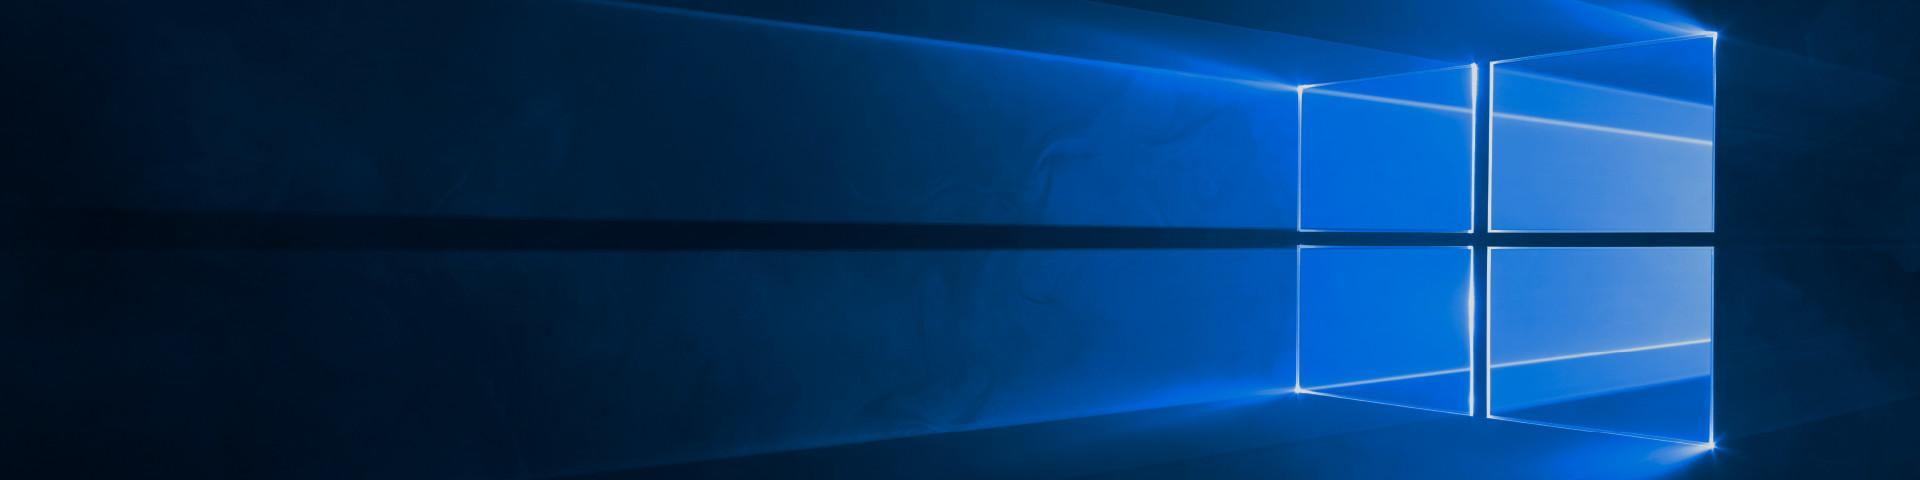 PC、Windows 10 へのアップグレード